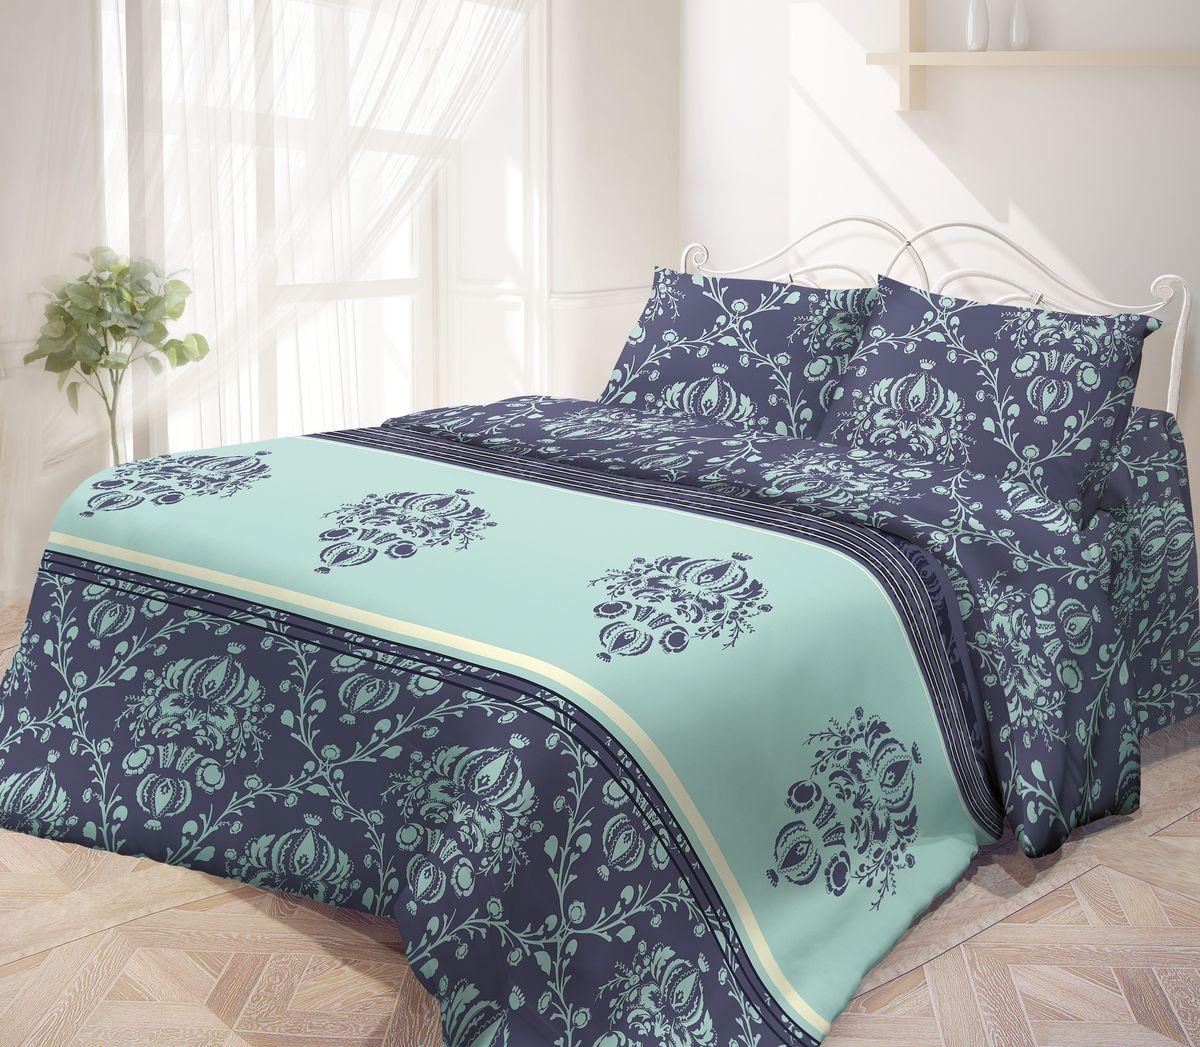 Комплект белья Гармония, семейный, наволочки 70х70, цвет: темно-синий, голубойCLP446Комплект постельного белья Гармония является экологически безопасным, так как выполнен из поплина (100% хлопка). Комплект состоит из двух пододеяльников, простыни и двух наволочек. Постельное белье оформлено красивым орнаментом и имеет изысканный внешний вид. Постельное белье Гармония - лучший выбор для современной хозяйки! Его отличают демократичная цена и отличное качество. Поплин мягкий и приятный на ощупь. Кроме того, эта ткань не требует особого ухода, легко стирается и прекрасно держит форму. Высококачественные красители, которые используются при производстве постельного белья, сохраняют свой цвет даже после многочисленных стирок.